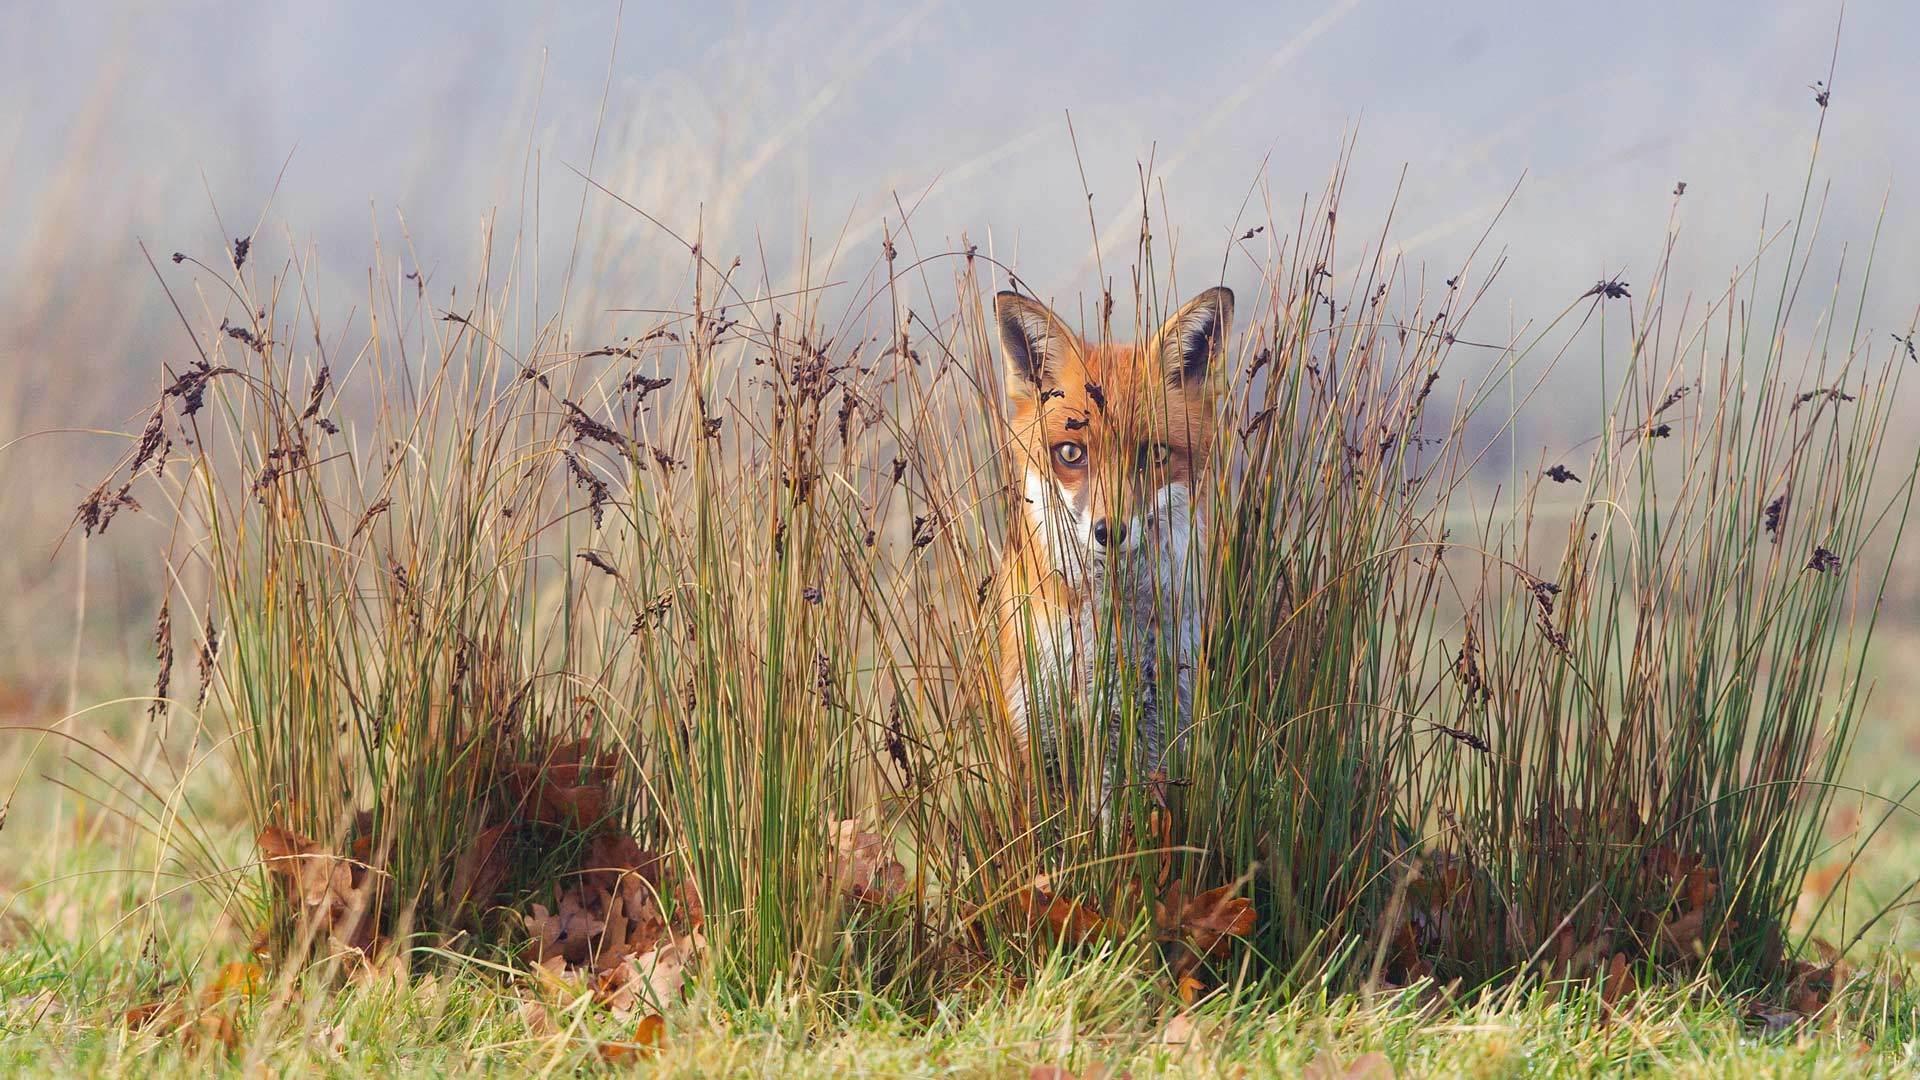 一只草丛里的狐狸